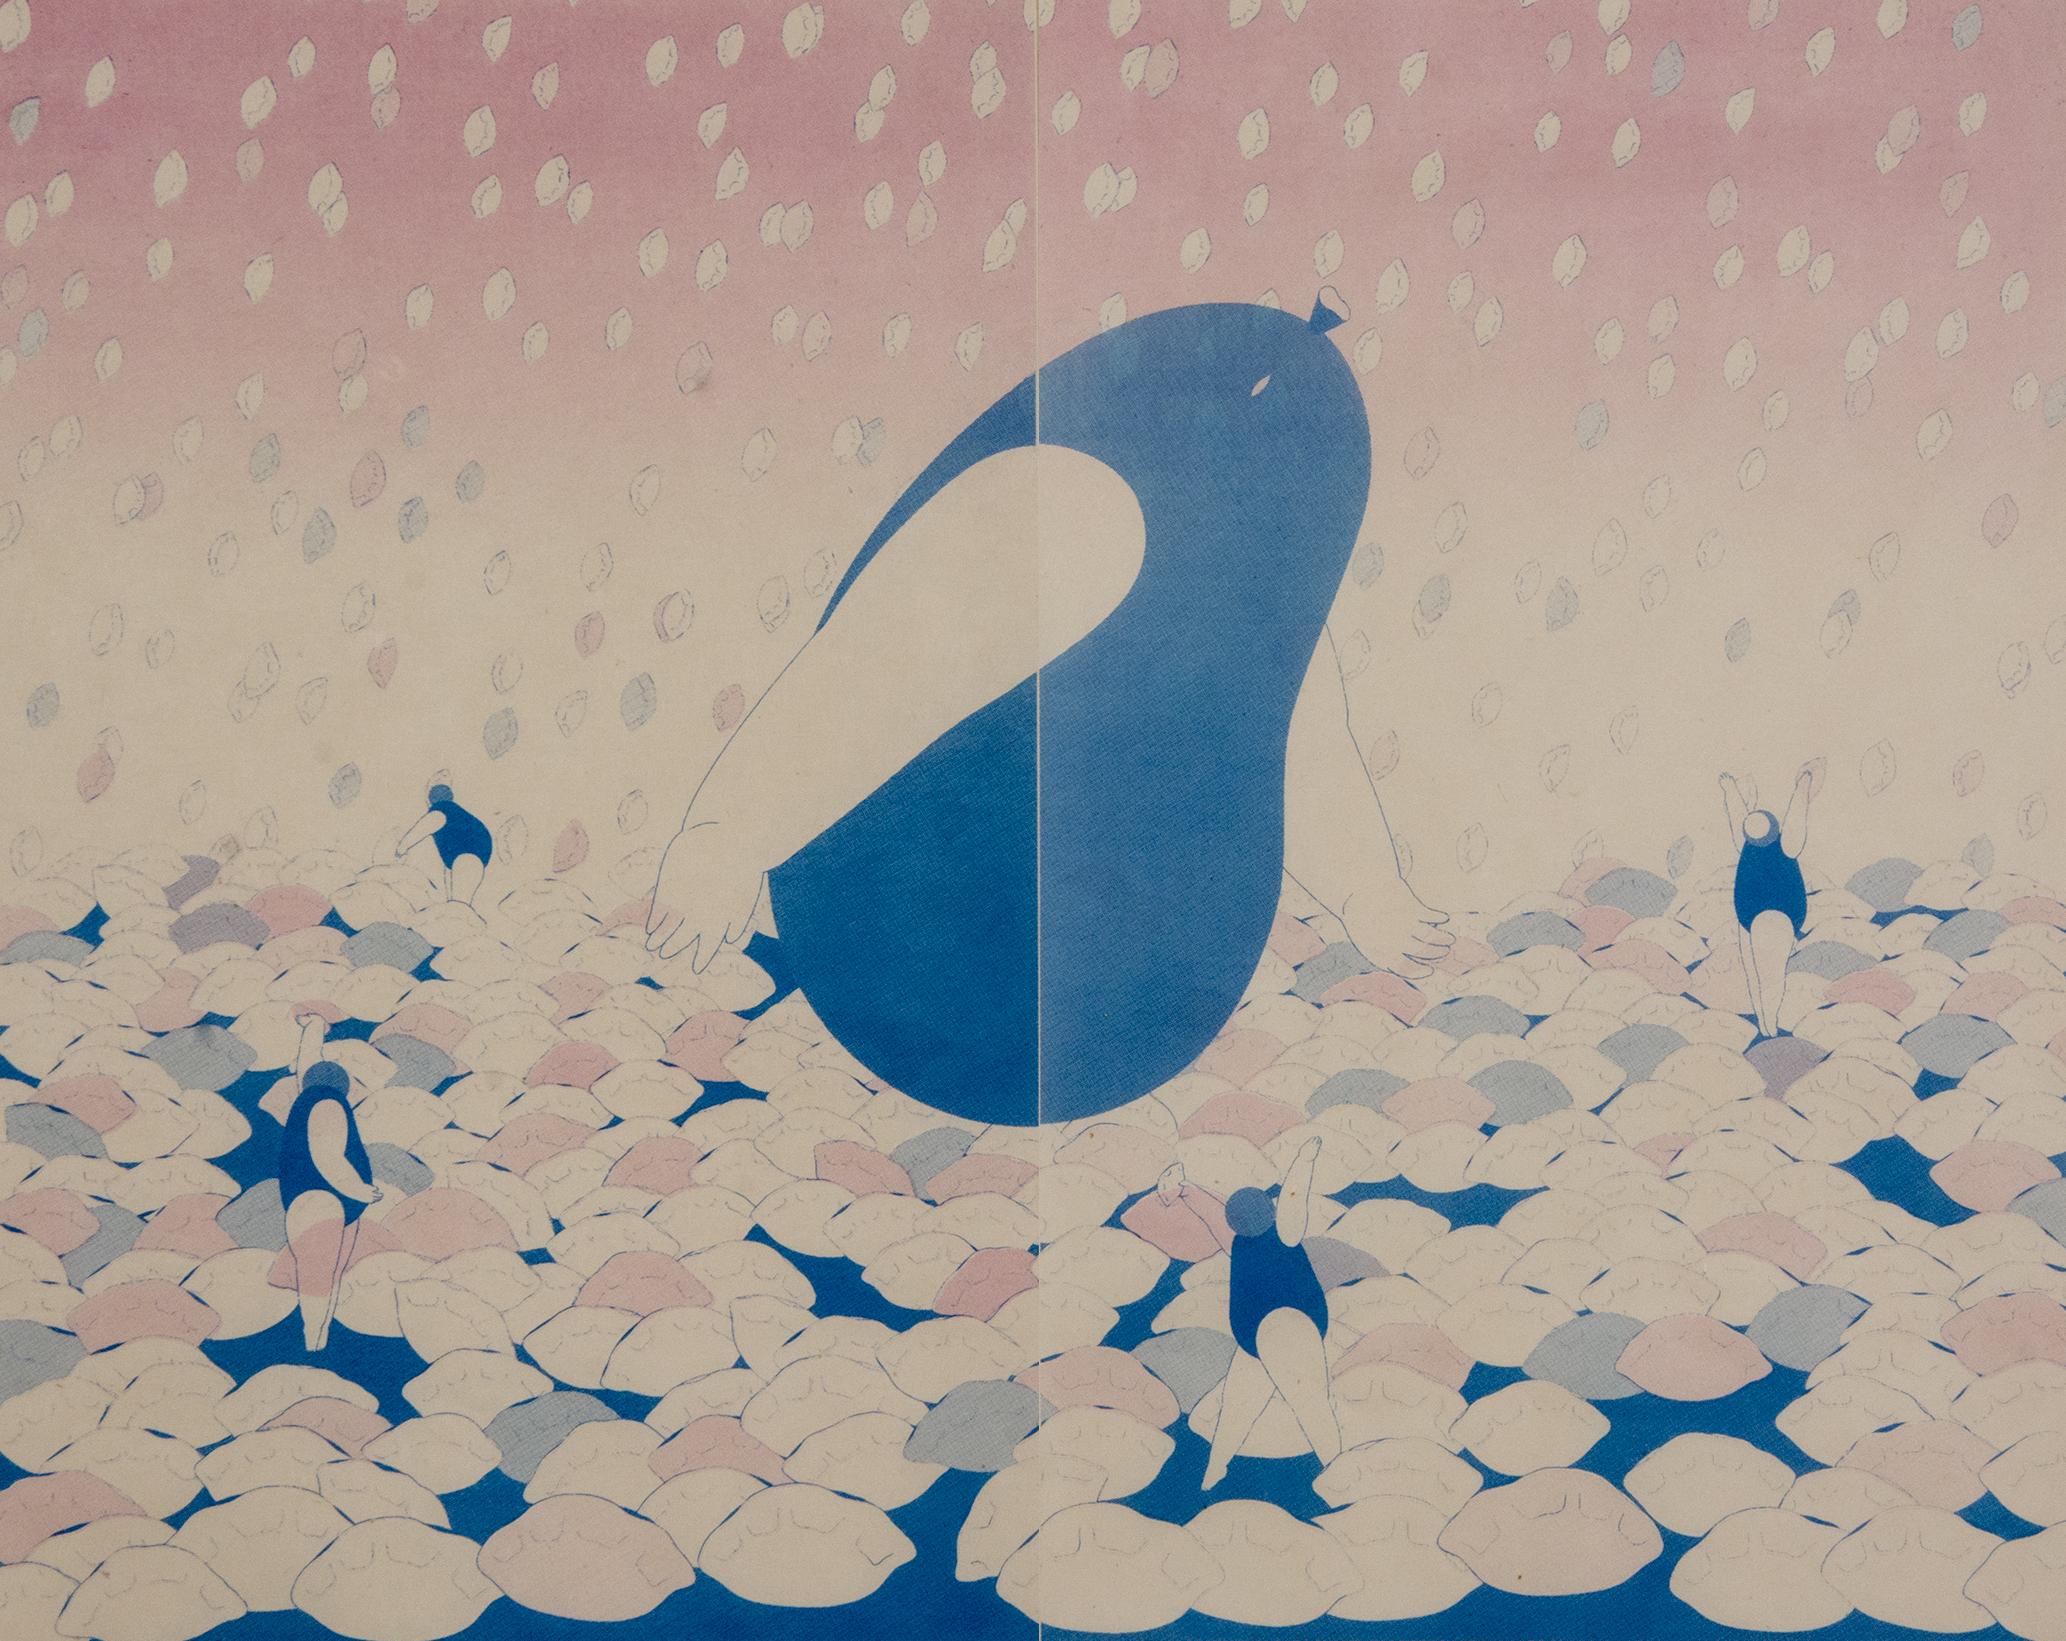 Dumpling Rain